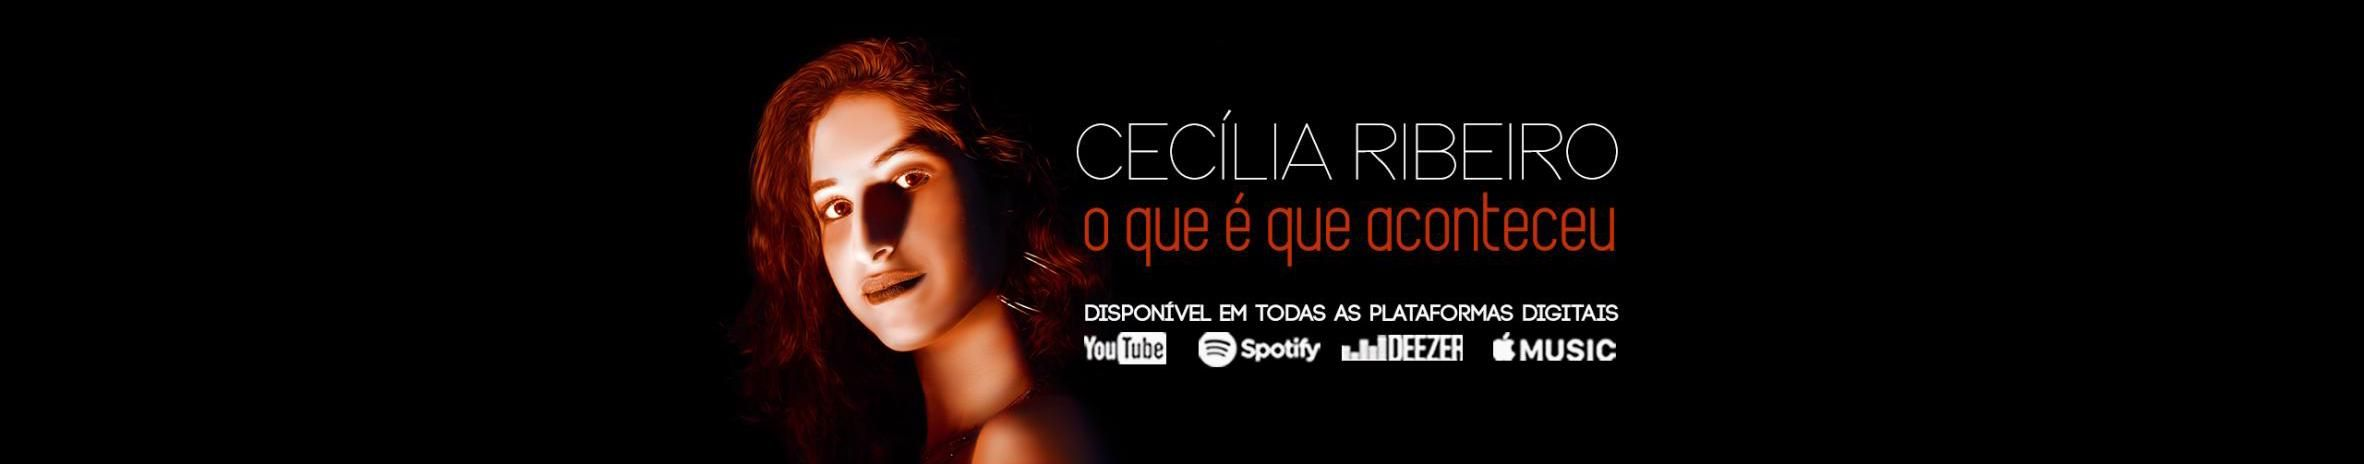 Imagem de capa de Cecília Ribeiro